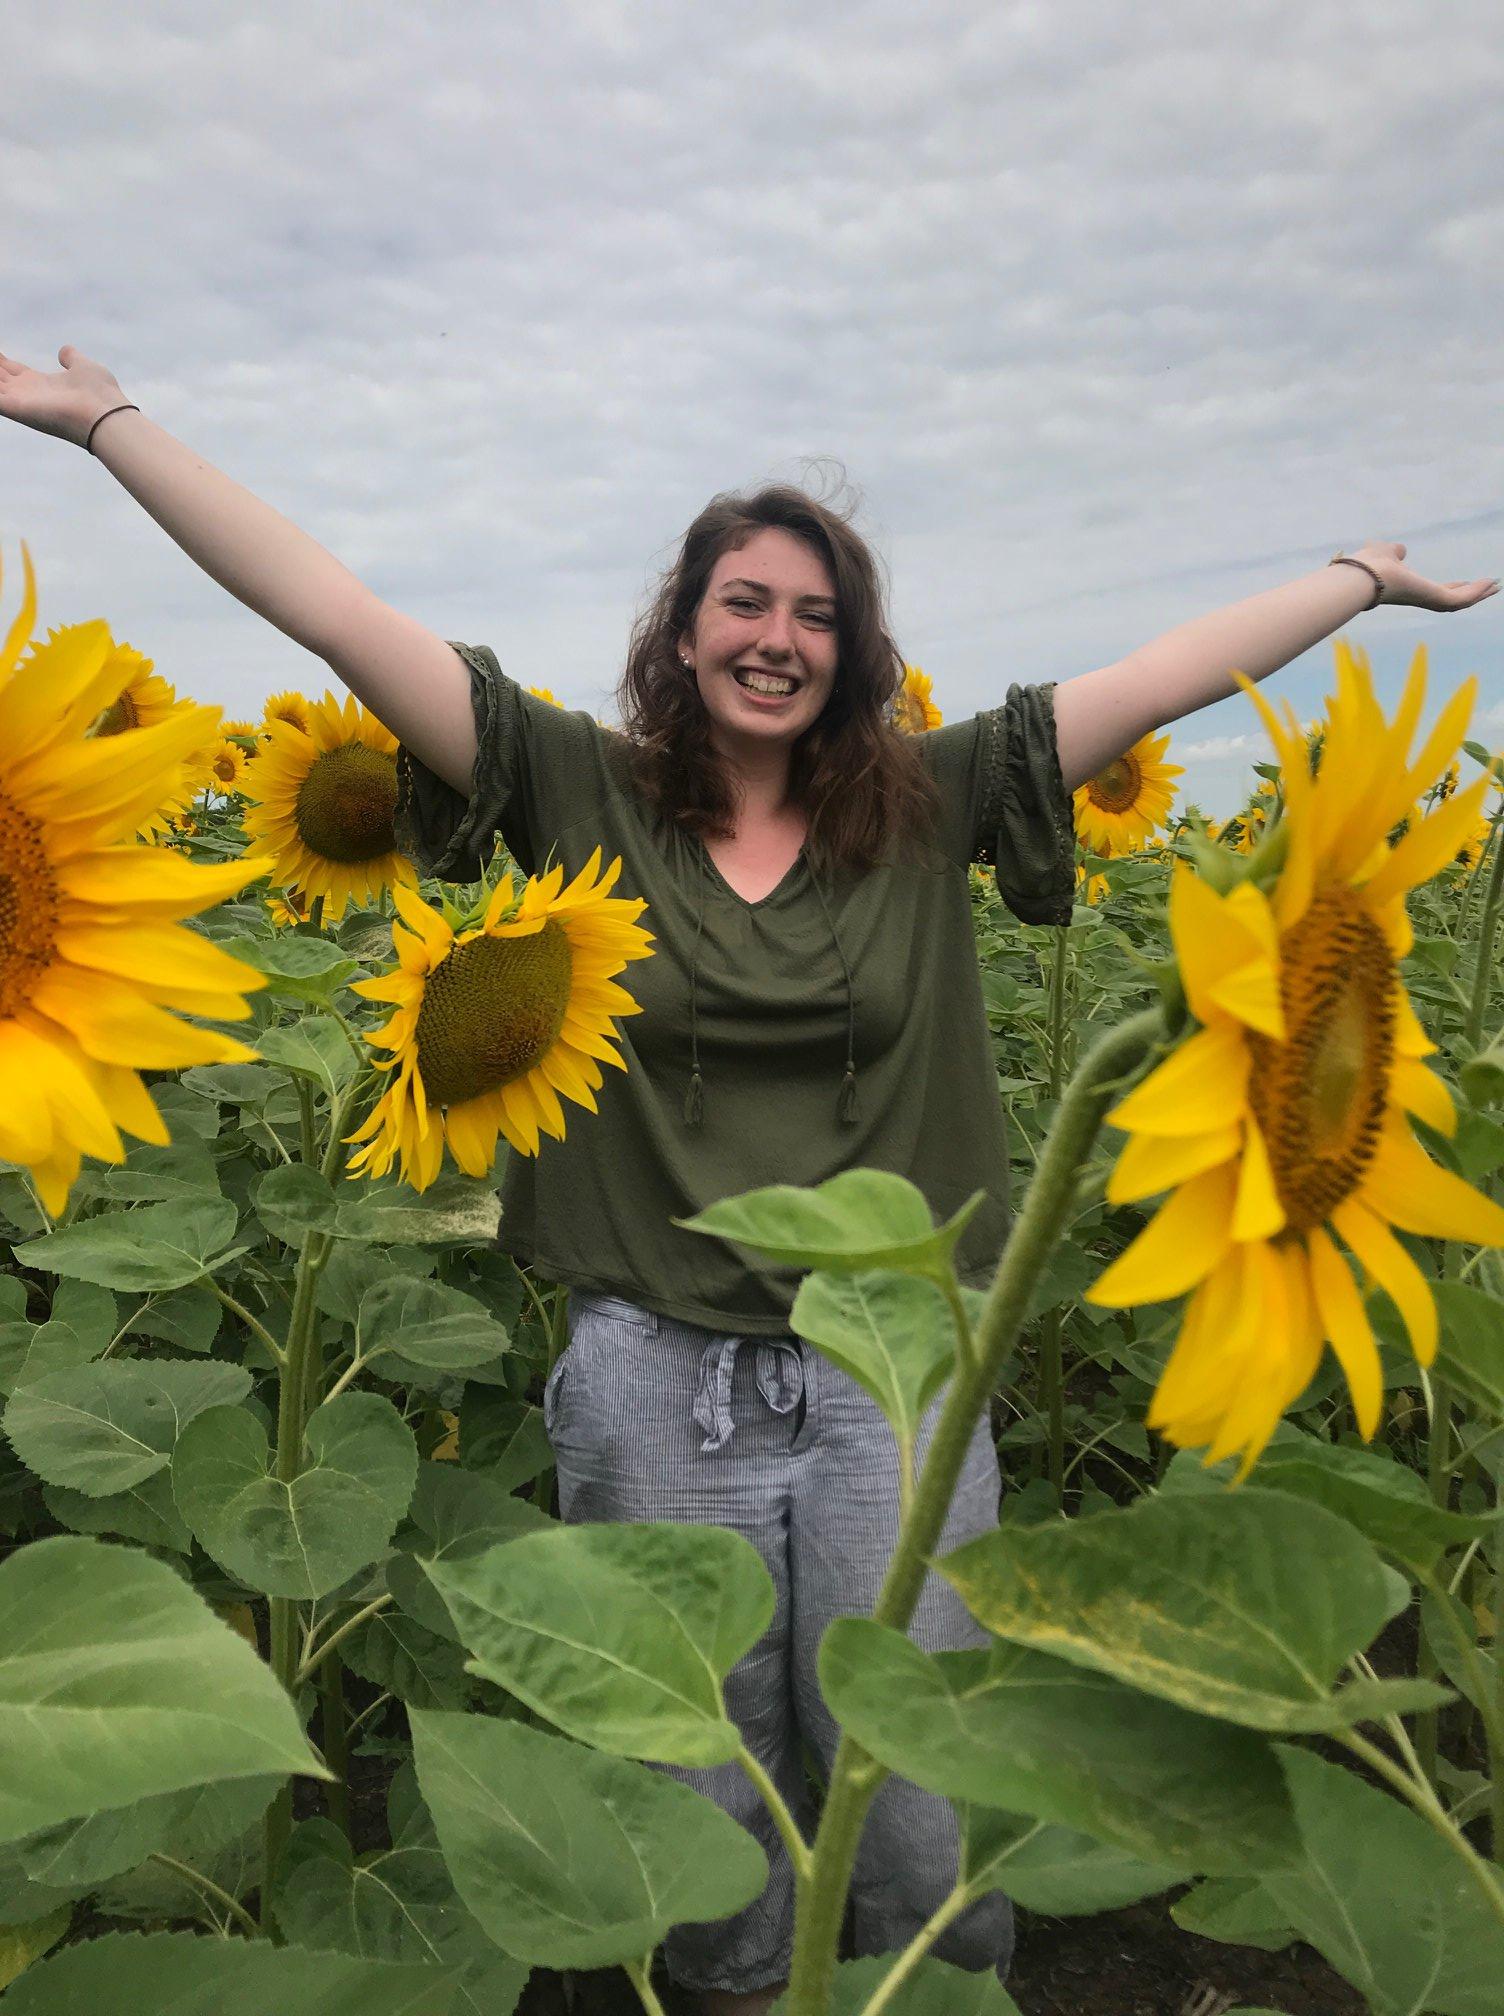 Mary to Moldova to Study Russian on Scholarship